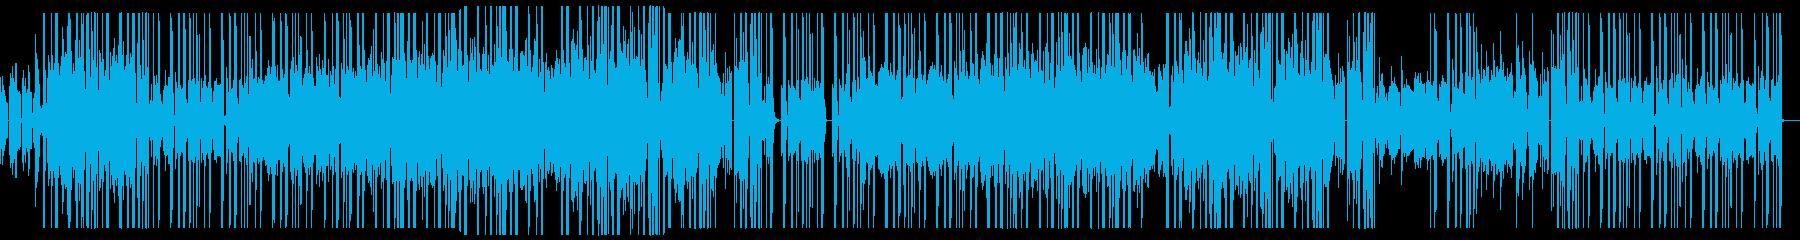 ダークな洋楽風ニューソウル、ポップスの再生済みの波形